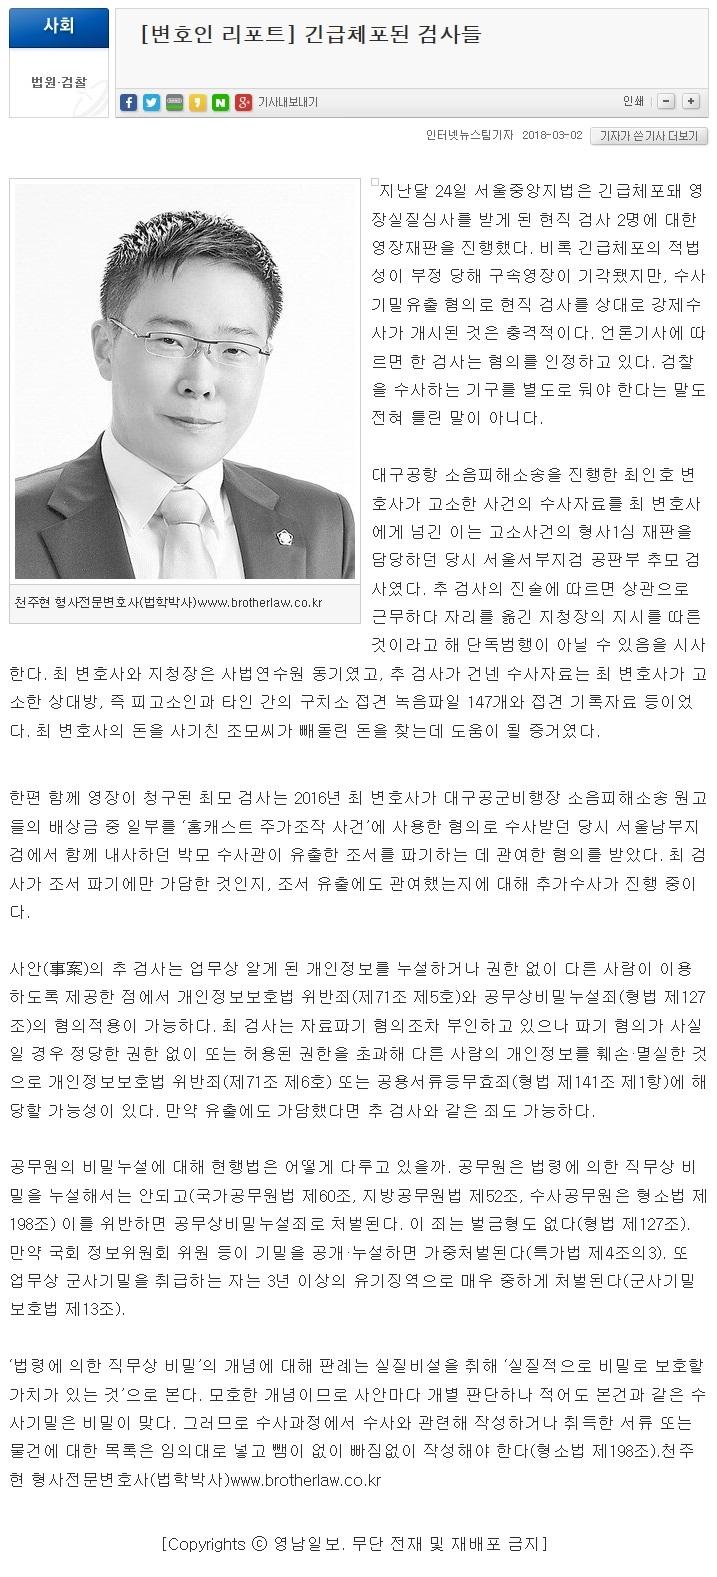 180302-영남일보본문.jpg